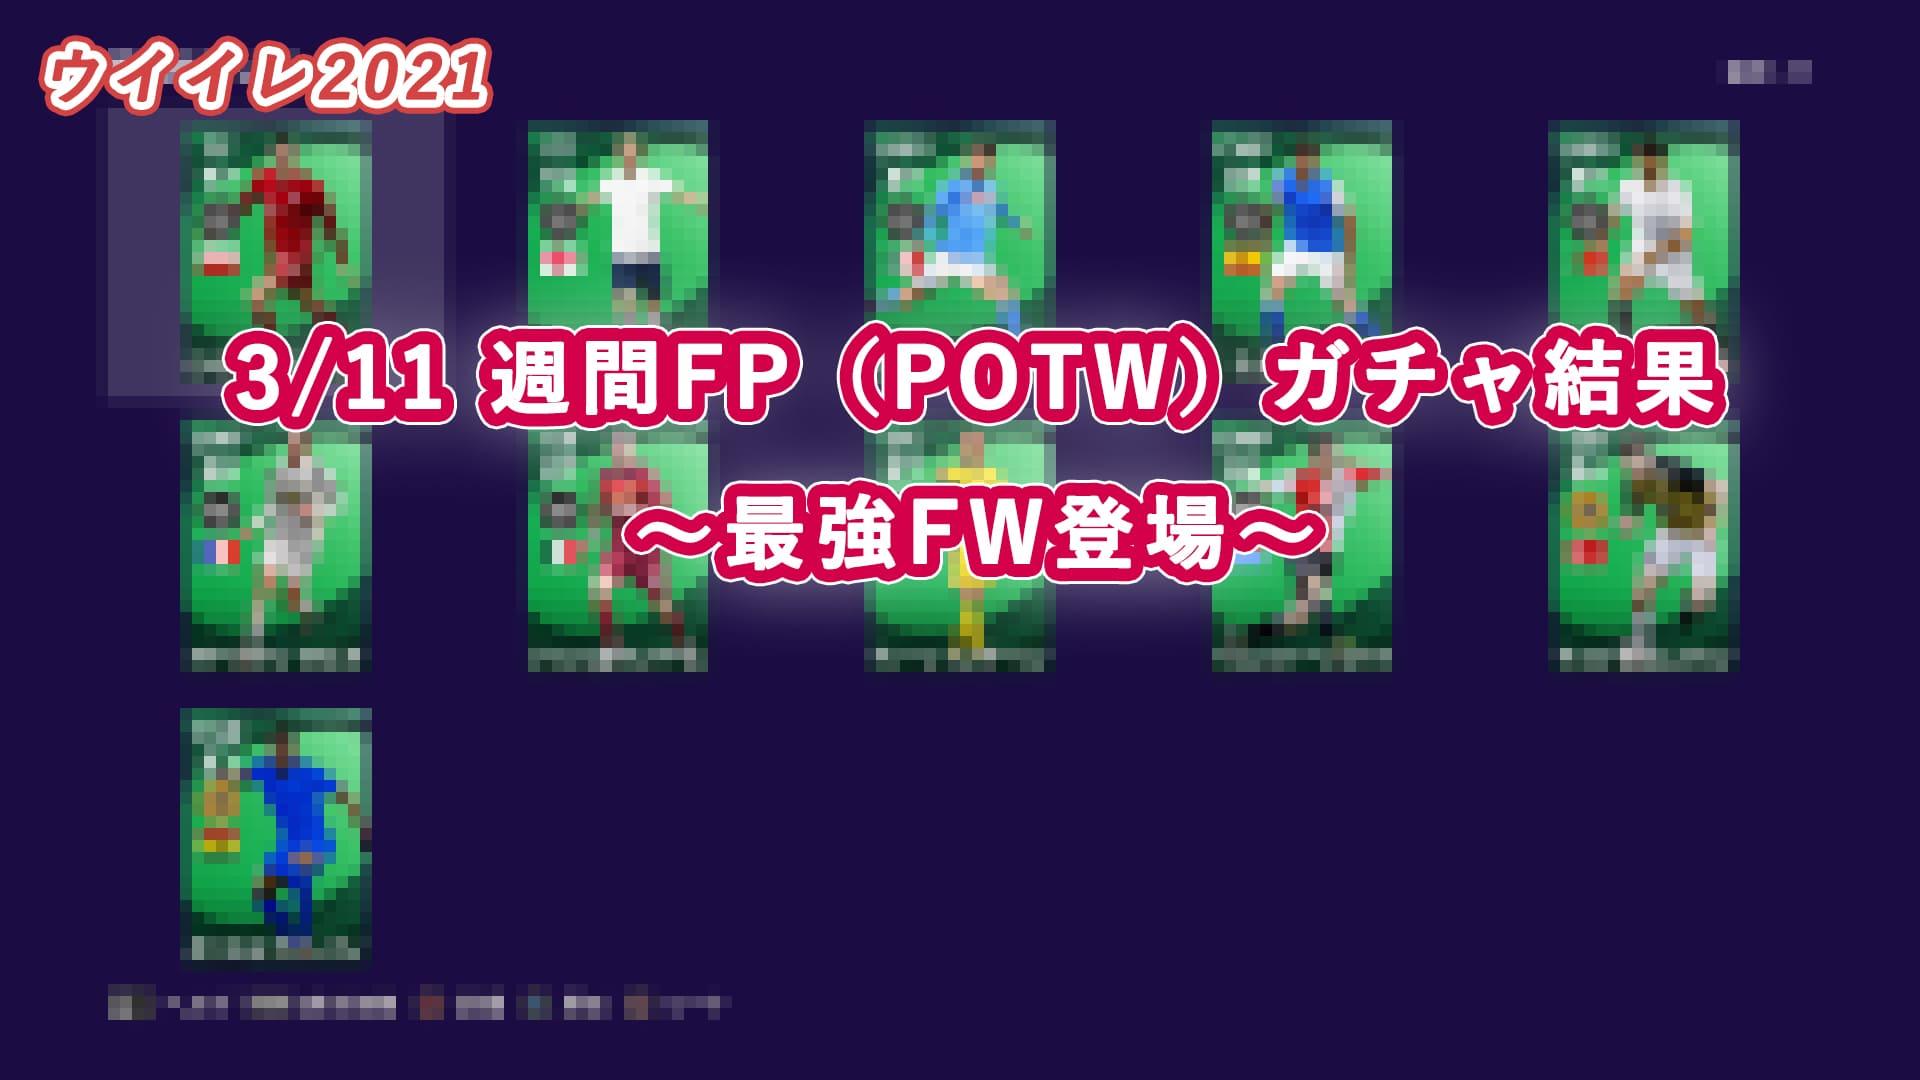 【ウイイレ2021】3/11 週間FP(POTW)ガチャ結果 ~最強FW登場~